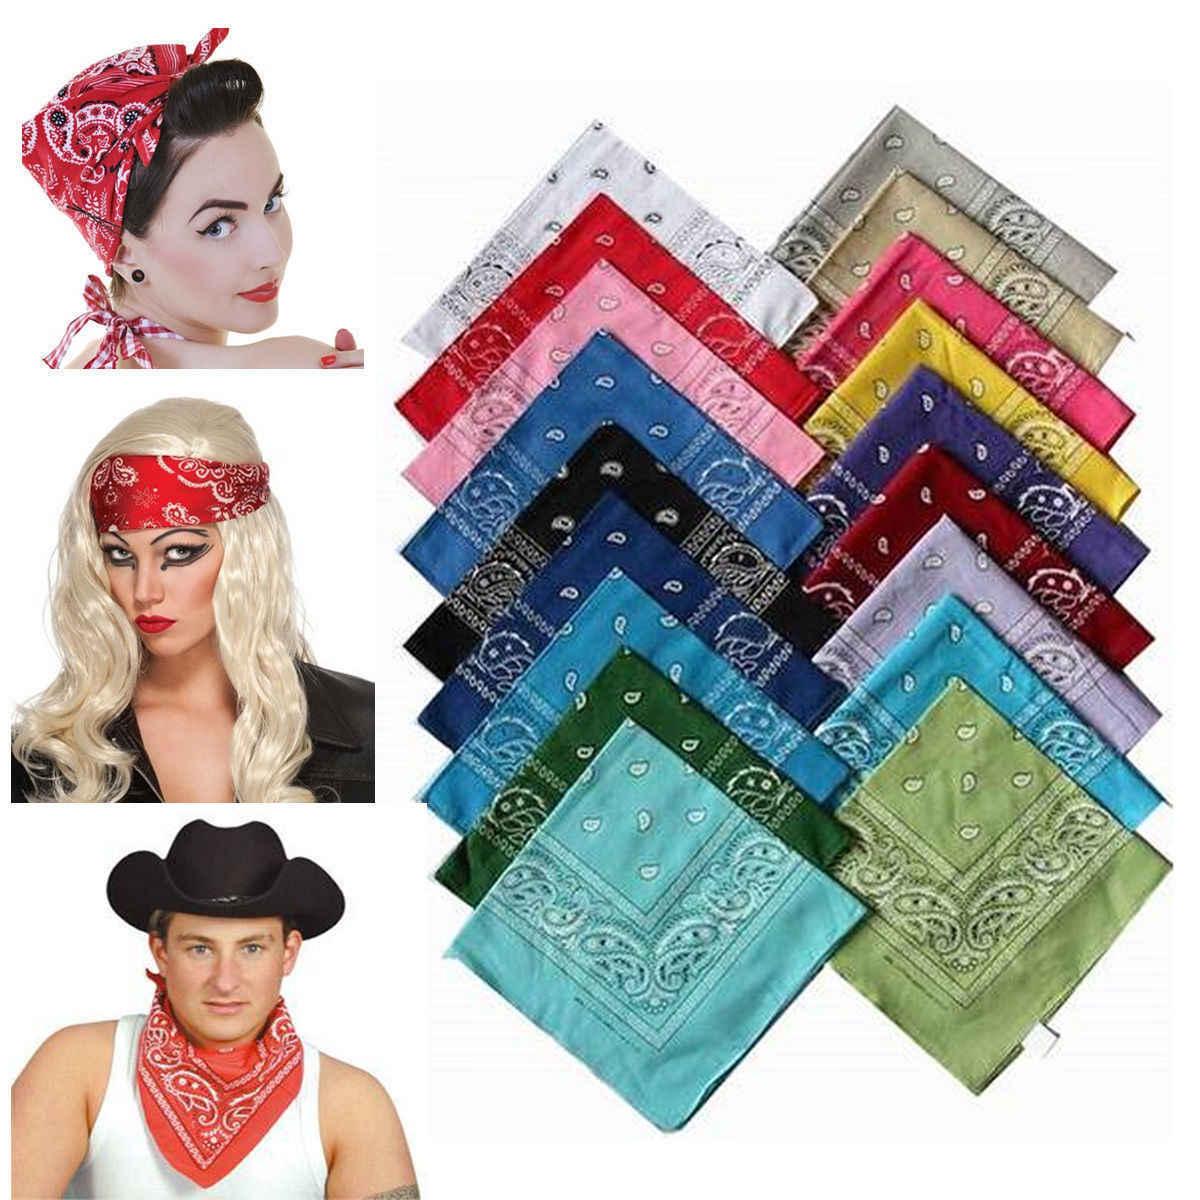 ผ้าพันคอ Paisley ผ้าฝ้าย Wrap Headband Durag ผ้าพันคอฤดูร้อน Biker หน้ากากผ้าพันคอใหม่